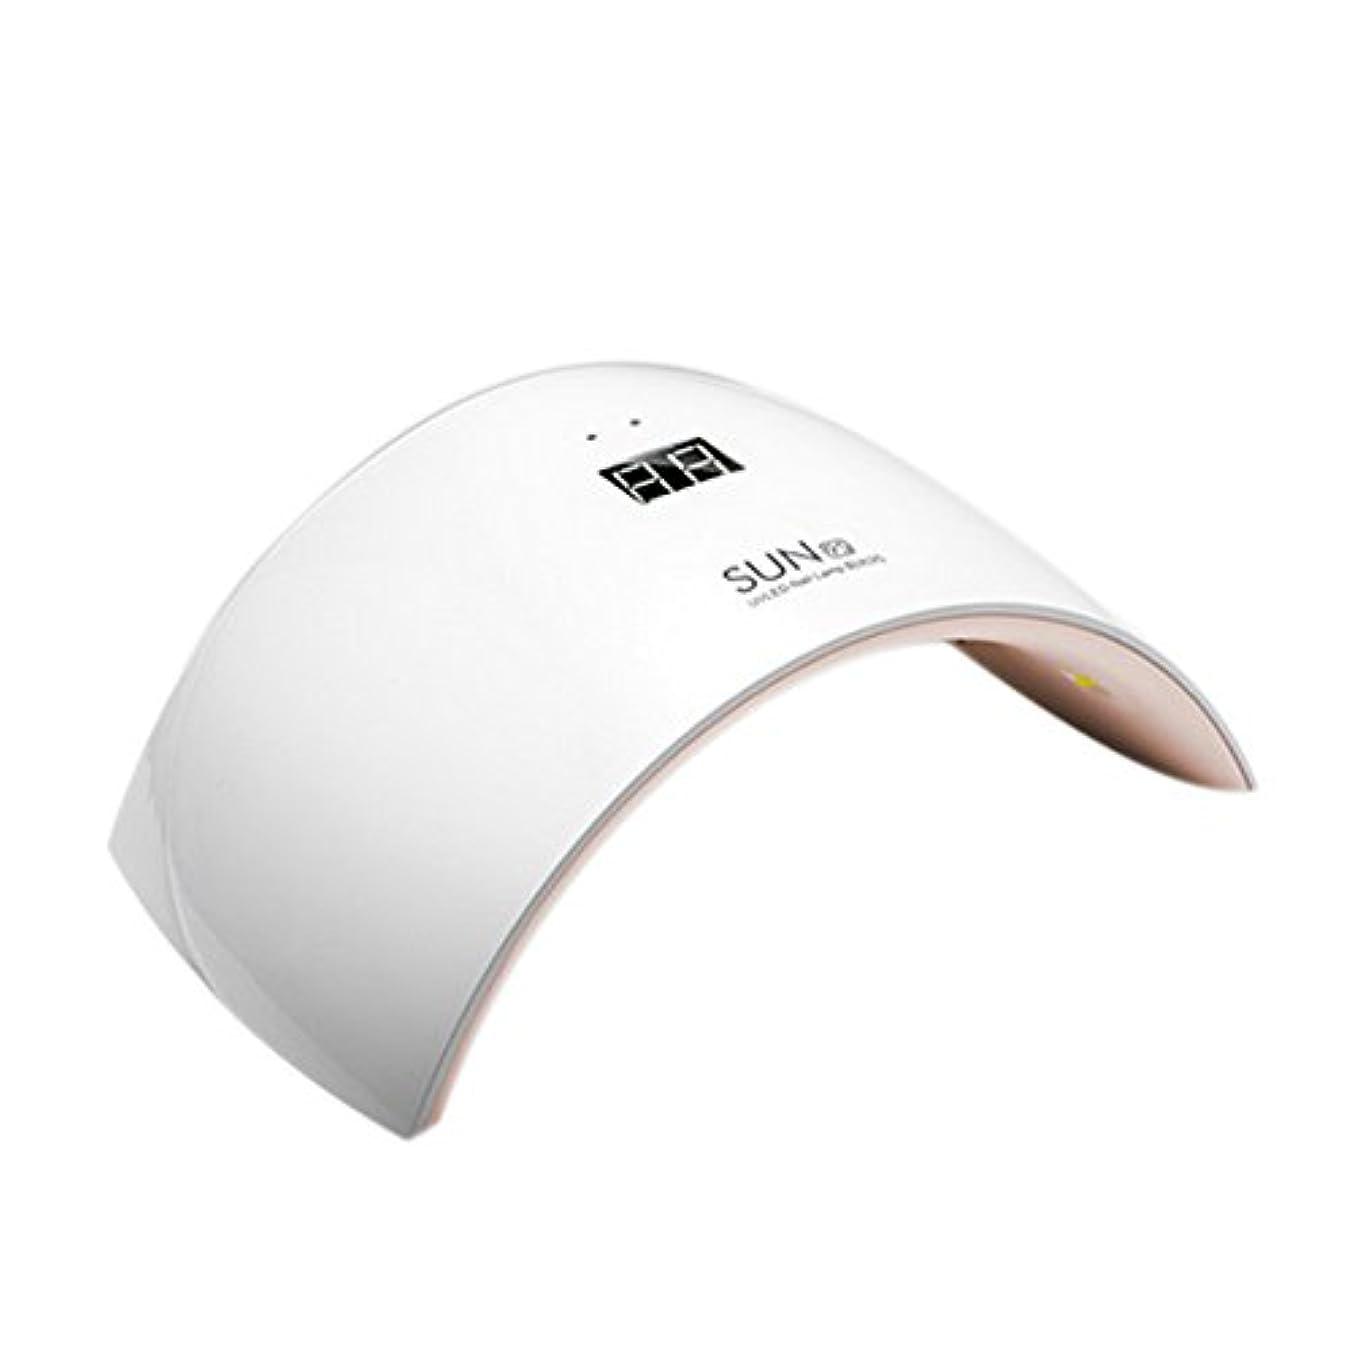 中で便宜材料Symboat ネイルアートツール 24W ネイルドライヤー ライト付き ボトム液晶 ディスプレイ 硬化用UVライト led ランプ爪トゥール ネイルジェル ベース ポリッシュ 4段階タイマー設定時間設定10S/30S/...